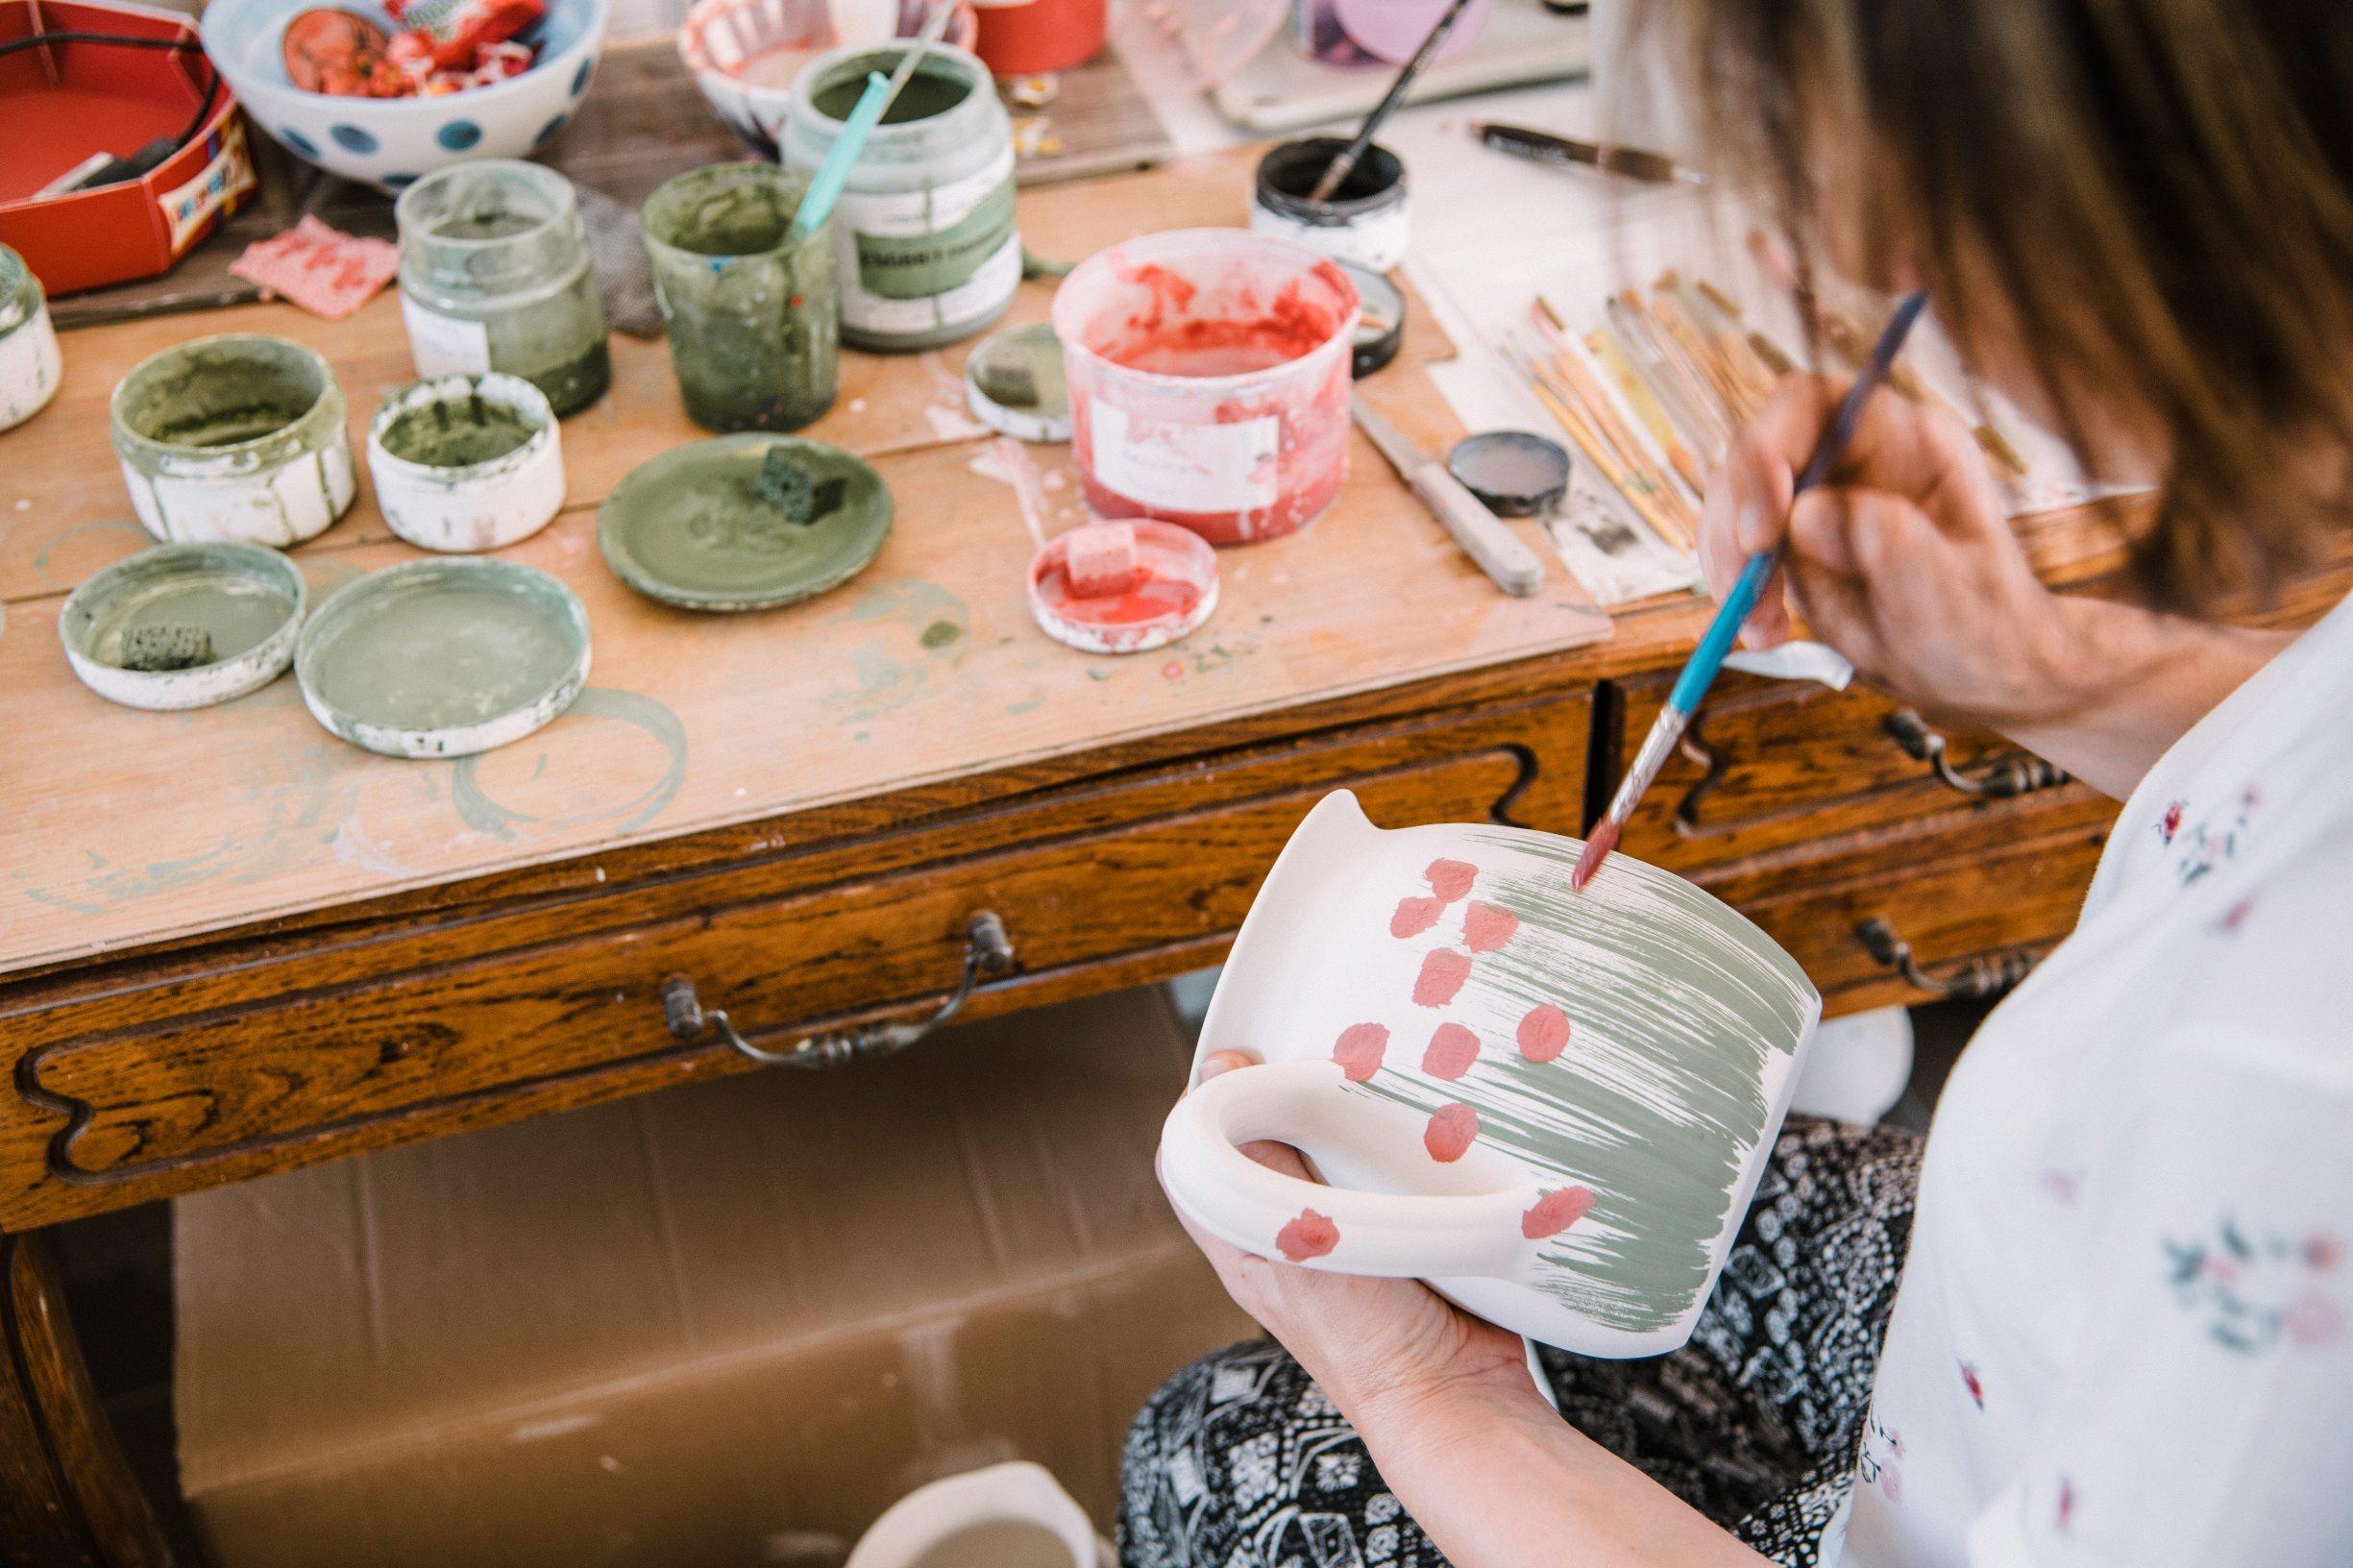 Ivanec, 210819. Obrt Keramika Mecena, gdje se tradicionalnim metodama proizvodi posude od keramike.Na slici je Ivana Kuca. Foto: Marko Miscevic / Cropix